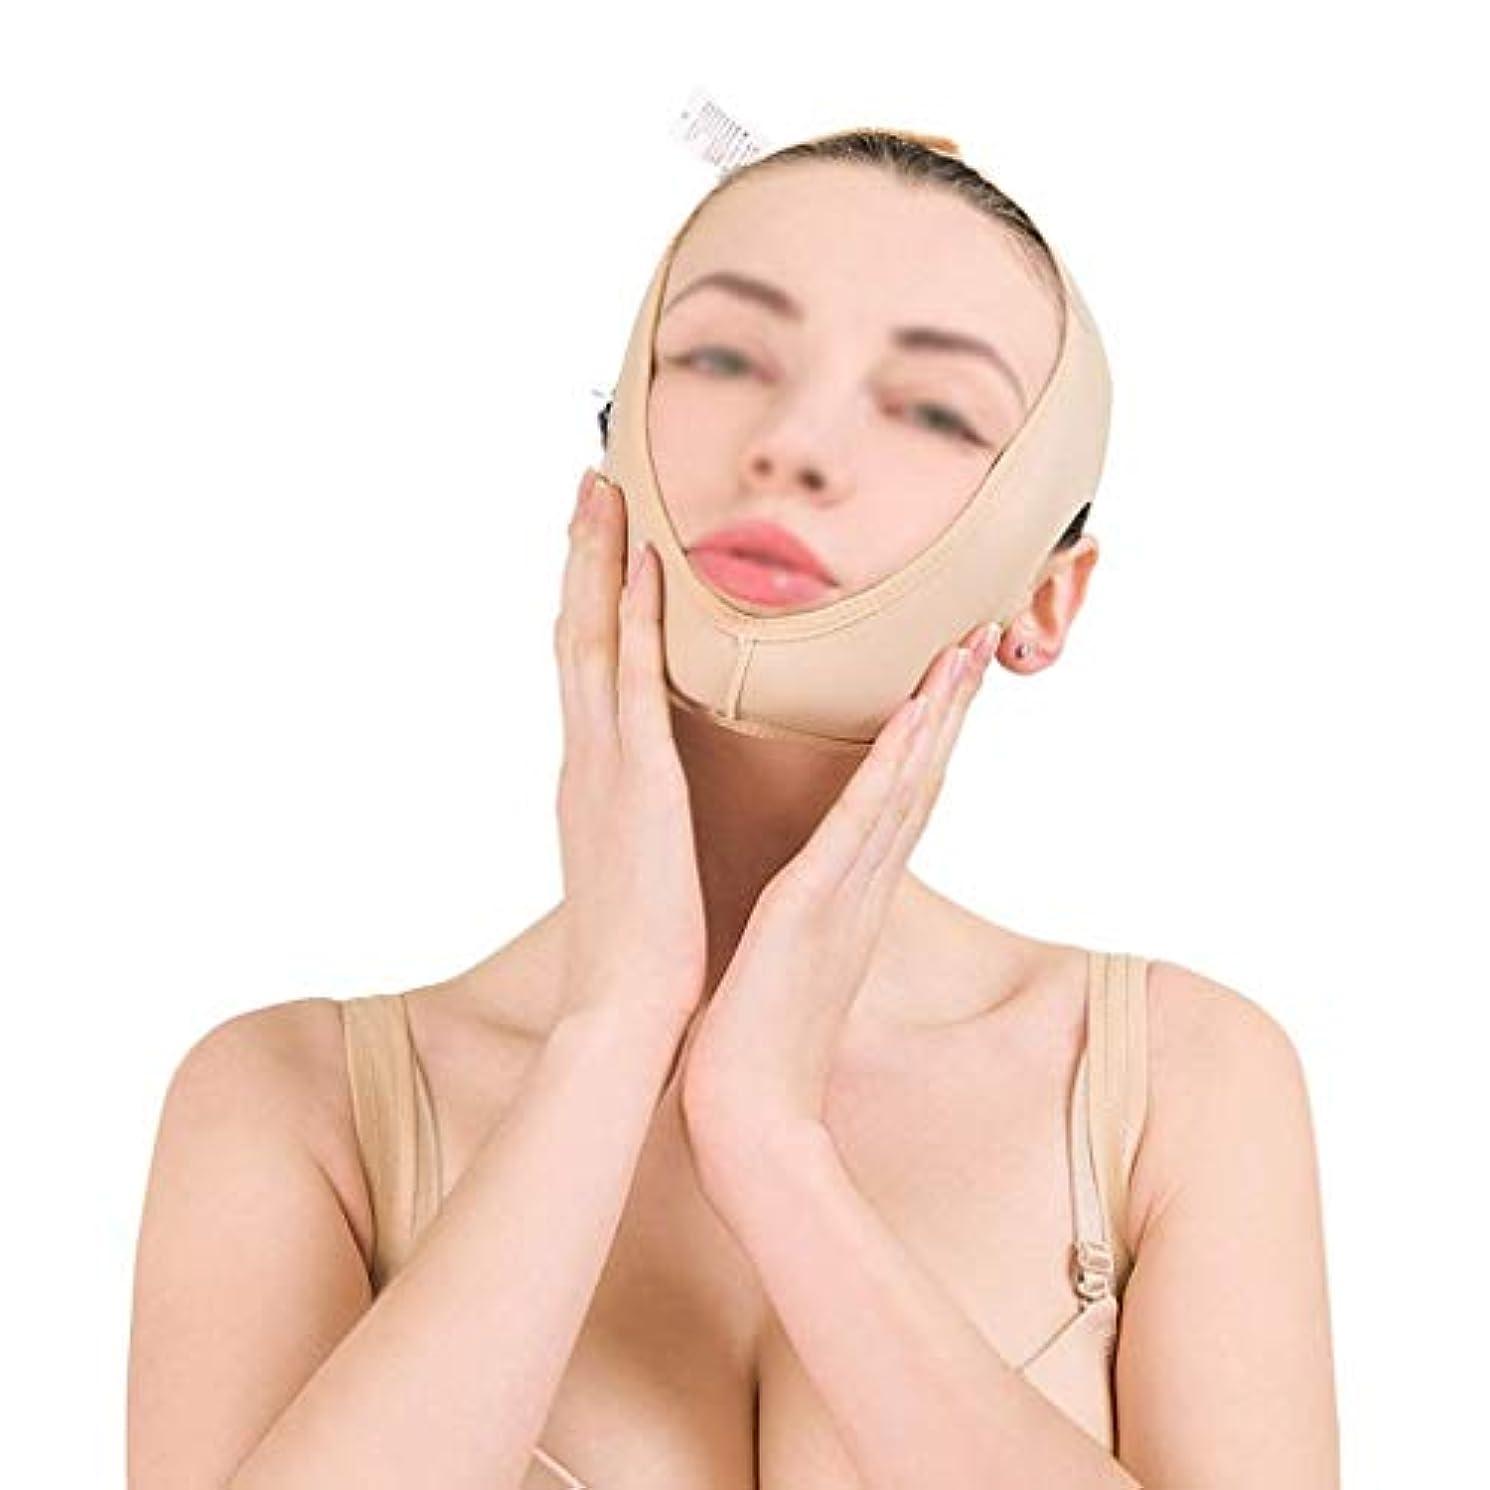 今日冒険自動的にマスク減量、肌の包帯を引き締めるリフティングフェイスバンド、フェイスリフティング、ダブルチンビューティバンデージ、フェイスリフト(サイズ:L),M